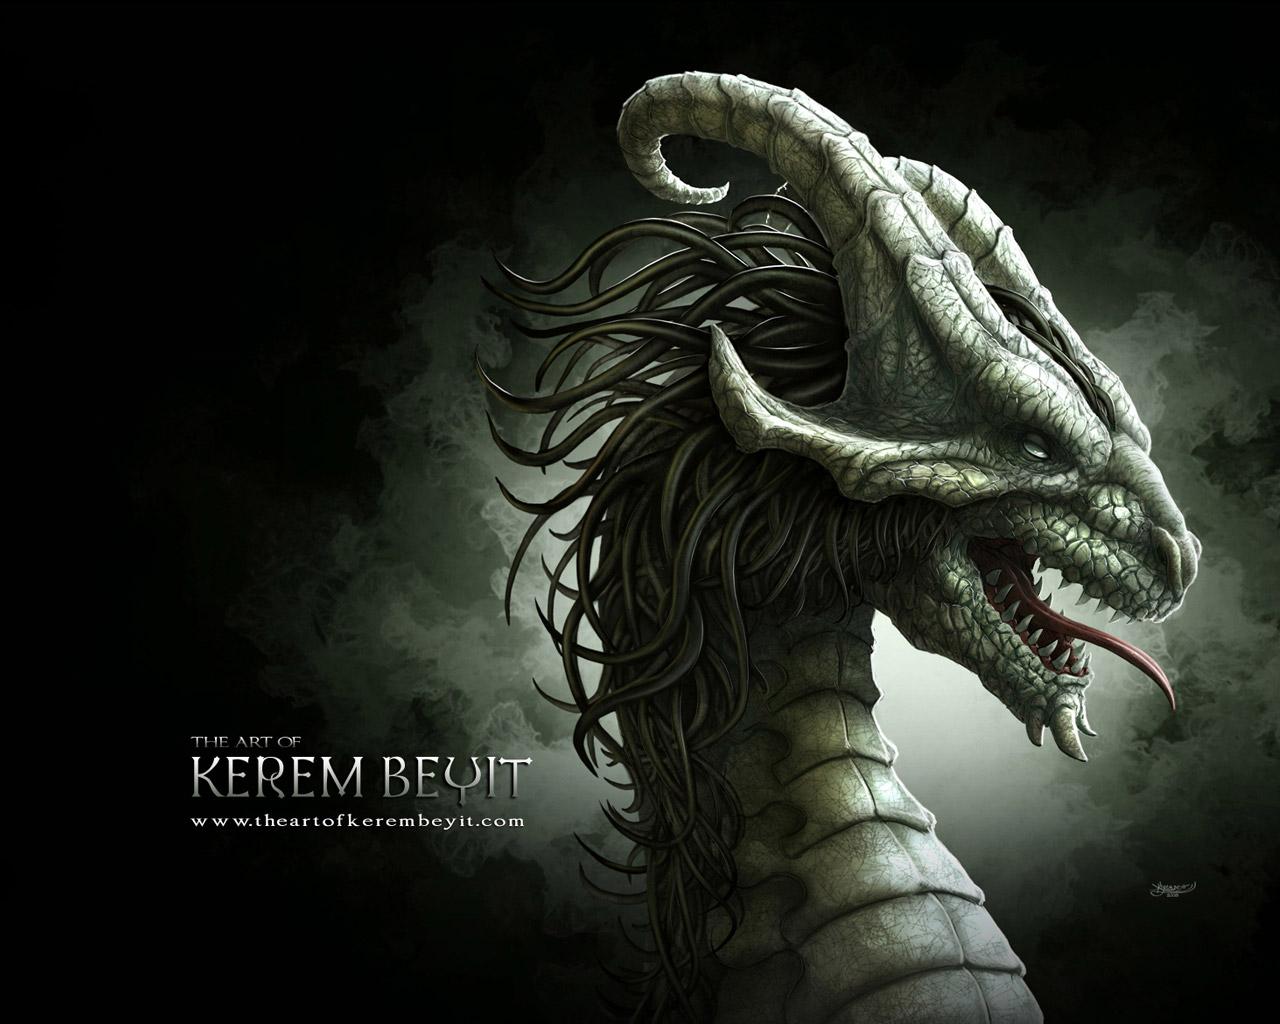 черный змей, змея, дракон, фото, обои для рабочего стола, скачать бесплатно